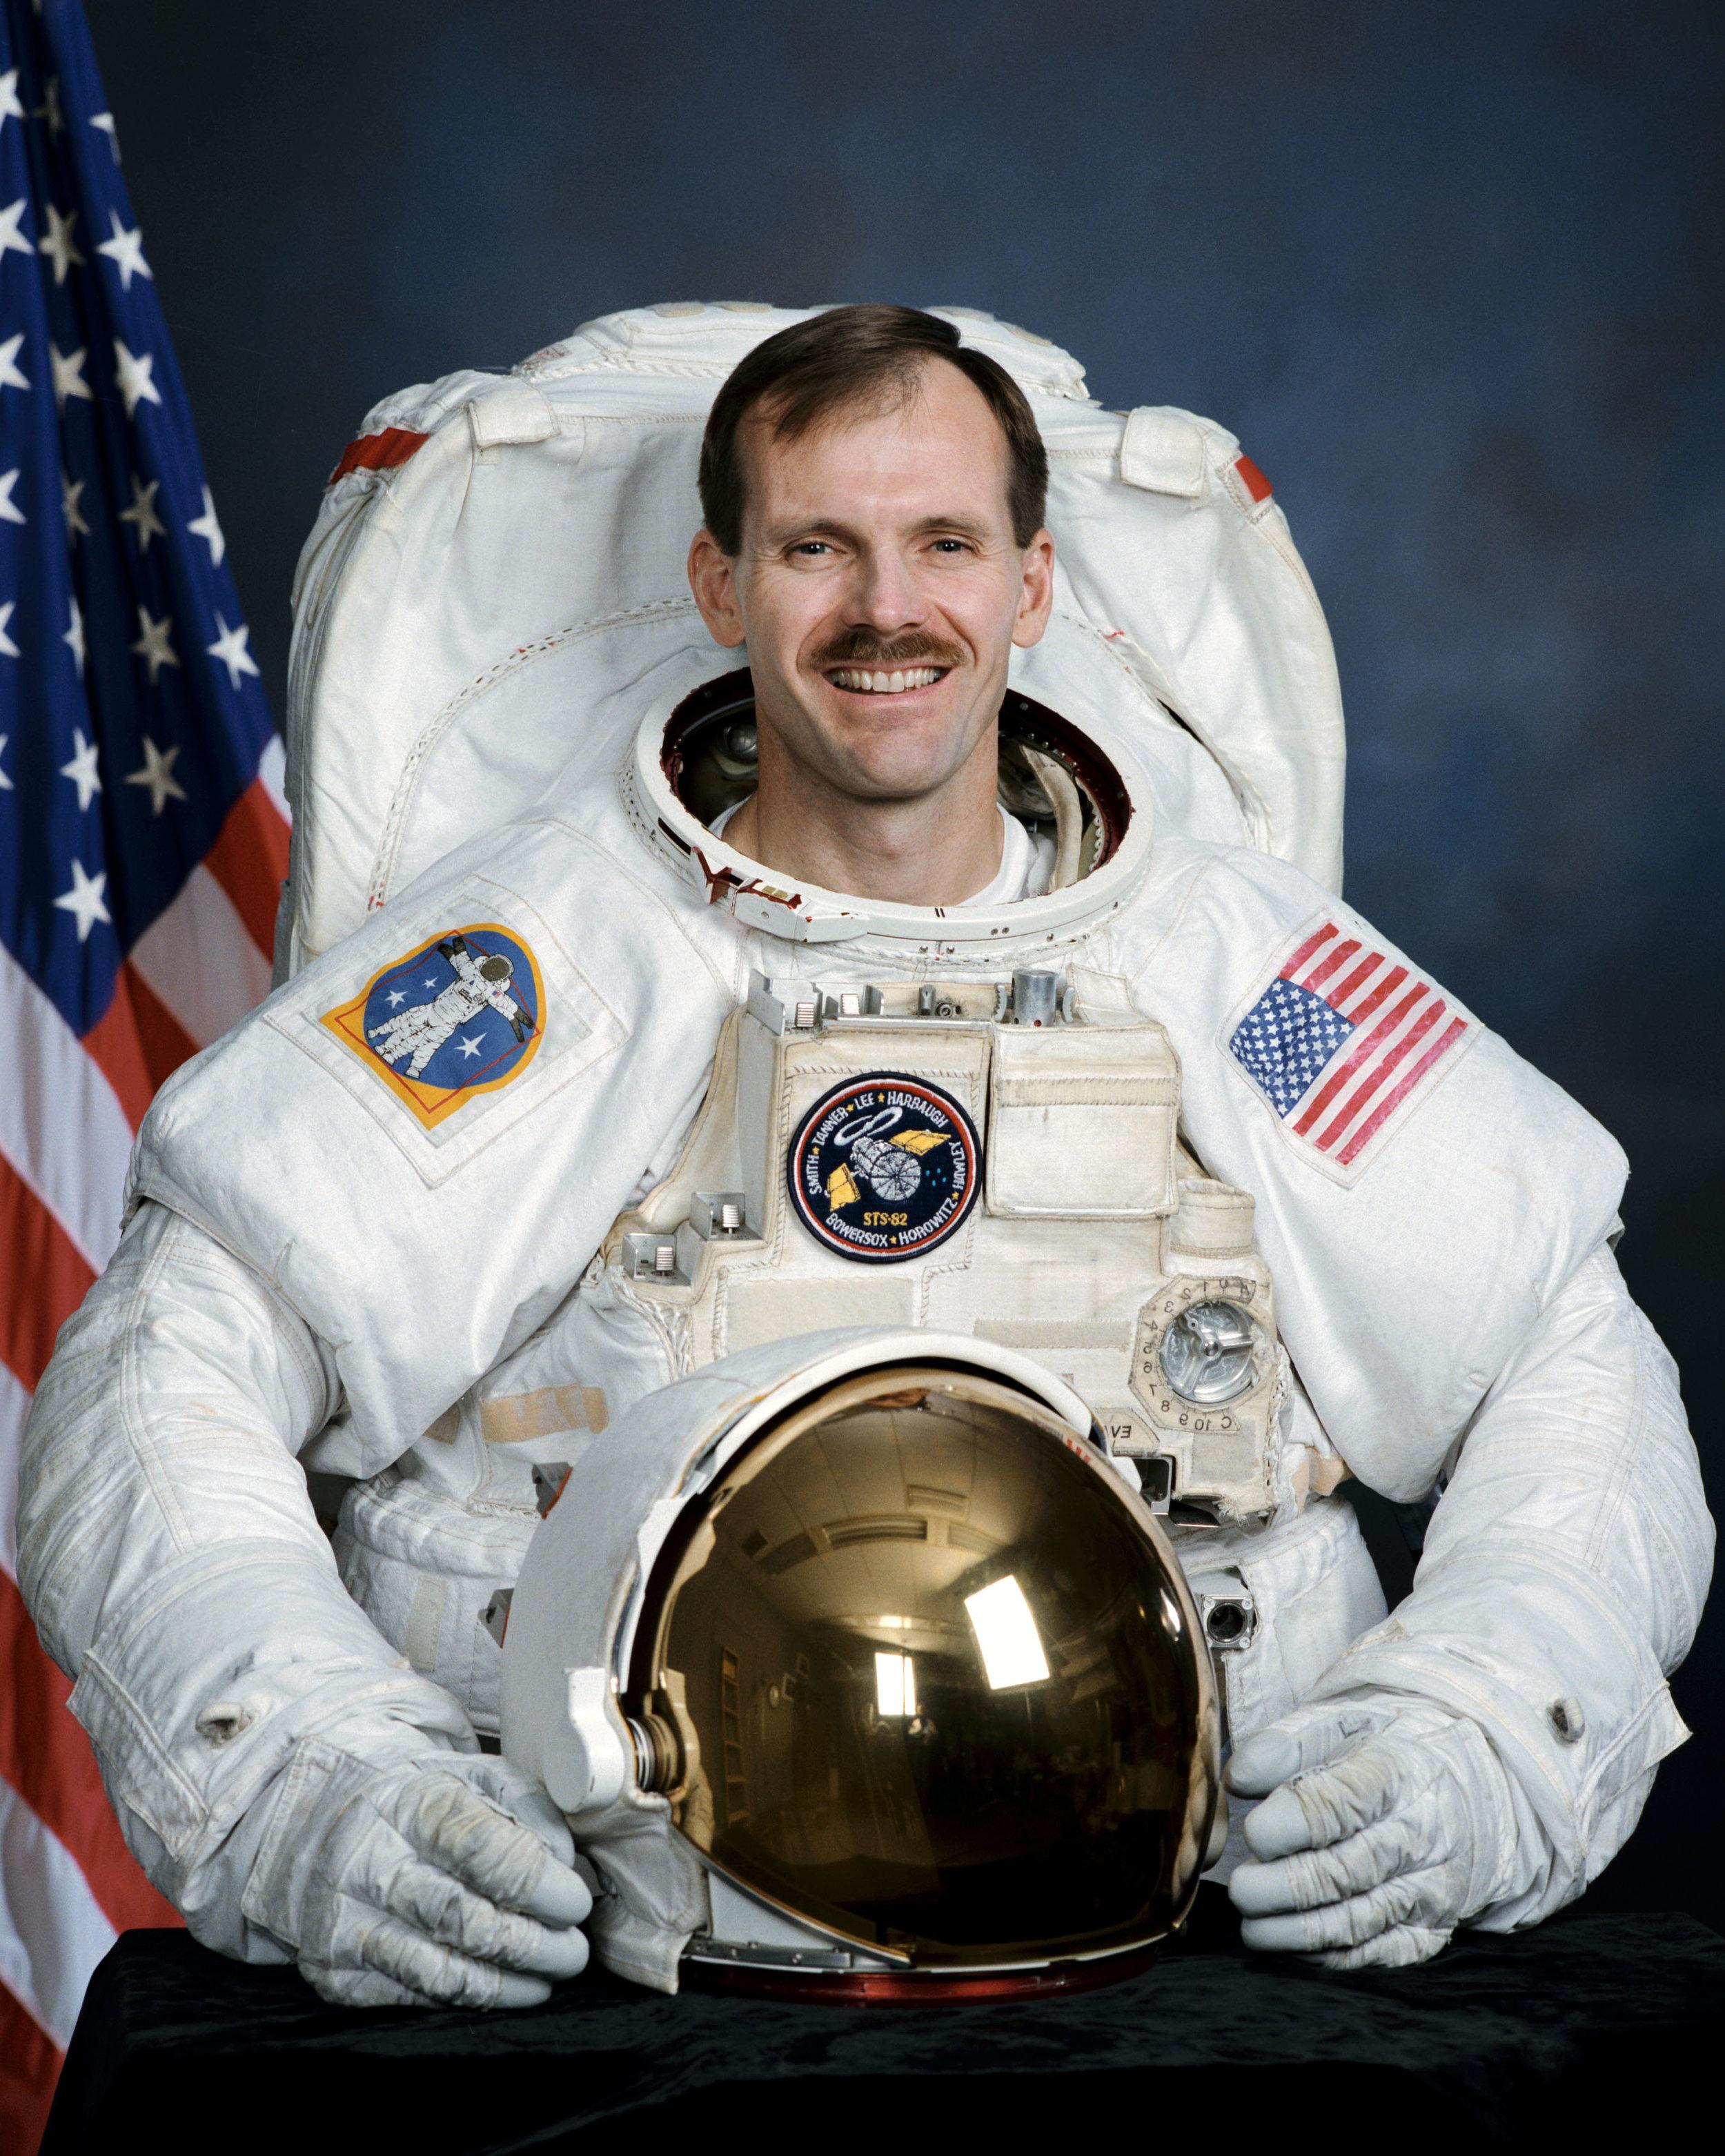 Official NASA portrait